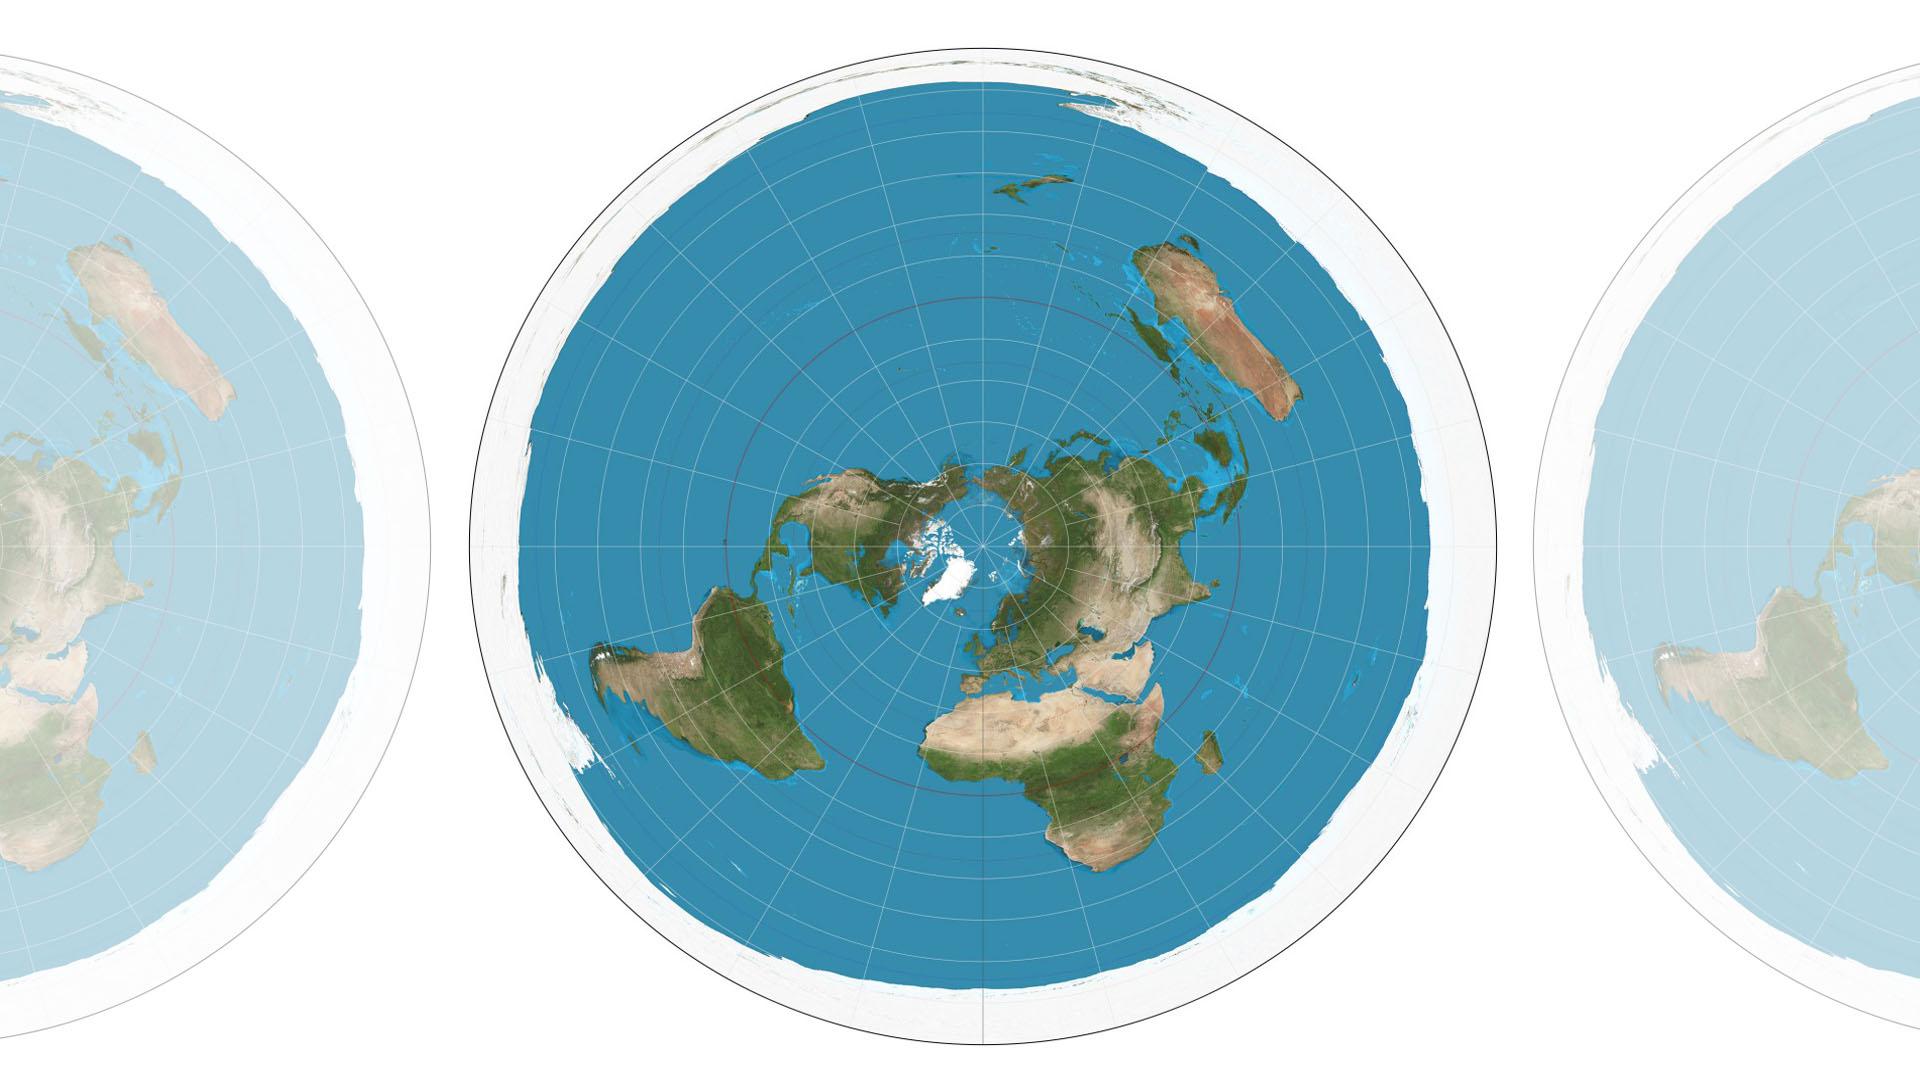 Fitur Baru Google Maps Ini Semakin Menepis Teori Bumi Datar